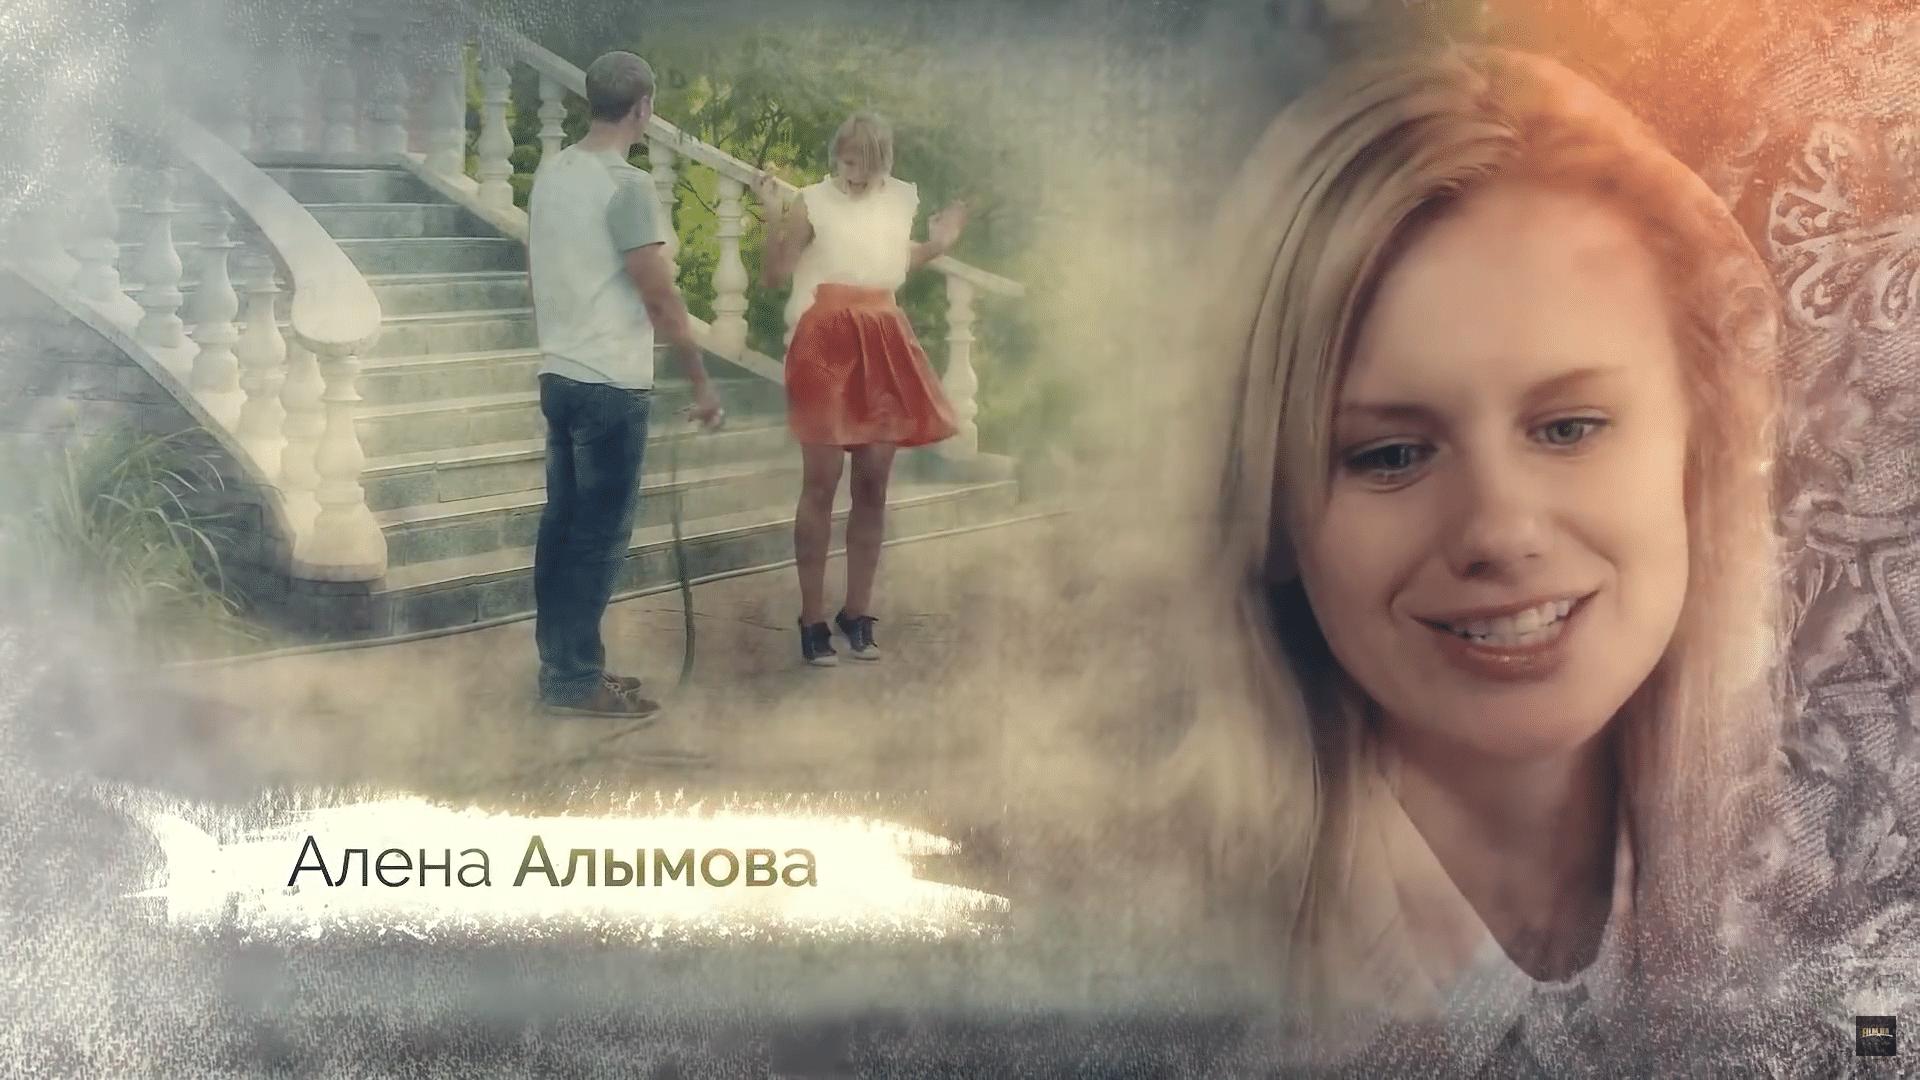 Алена Алымова - родная сестра Григория Середа, дочь свекрови Софьи Середа